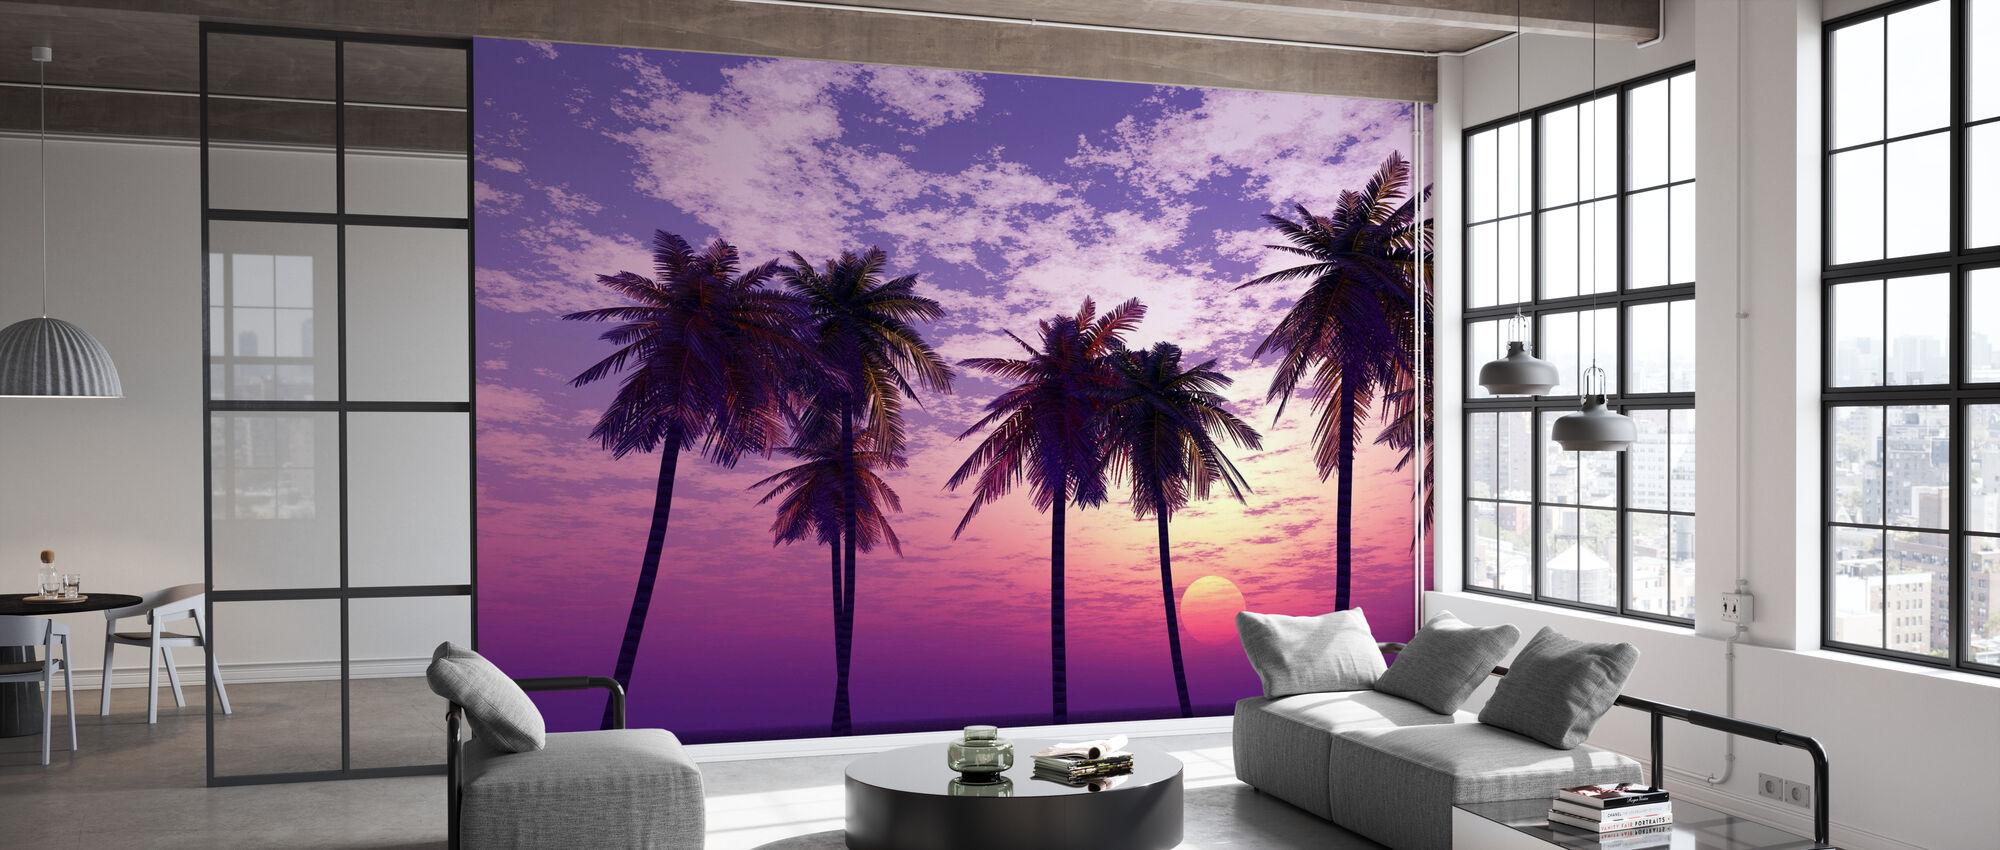 Beau coucher de soleil - Papier peint - Bureau